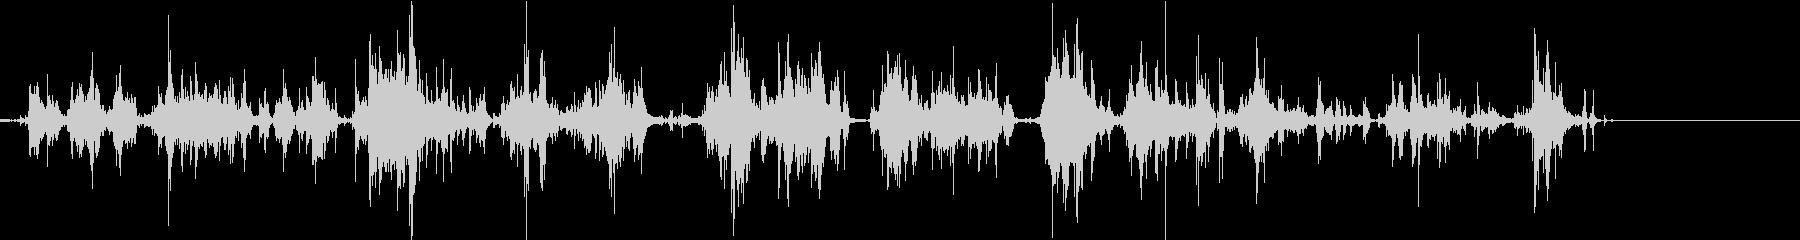 ジャラジャラ(小銭)の未再生の波形